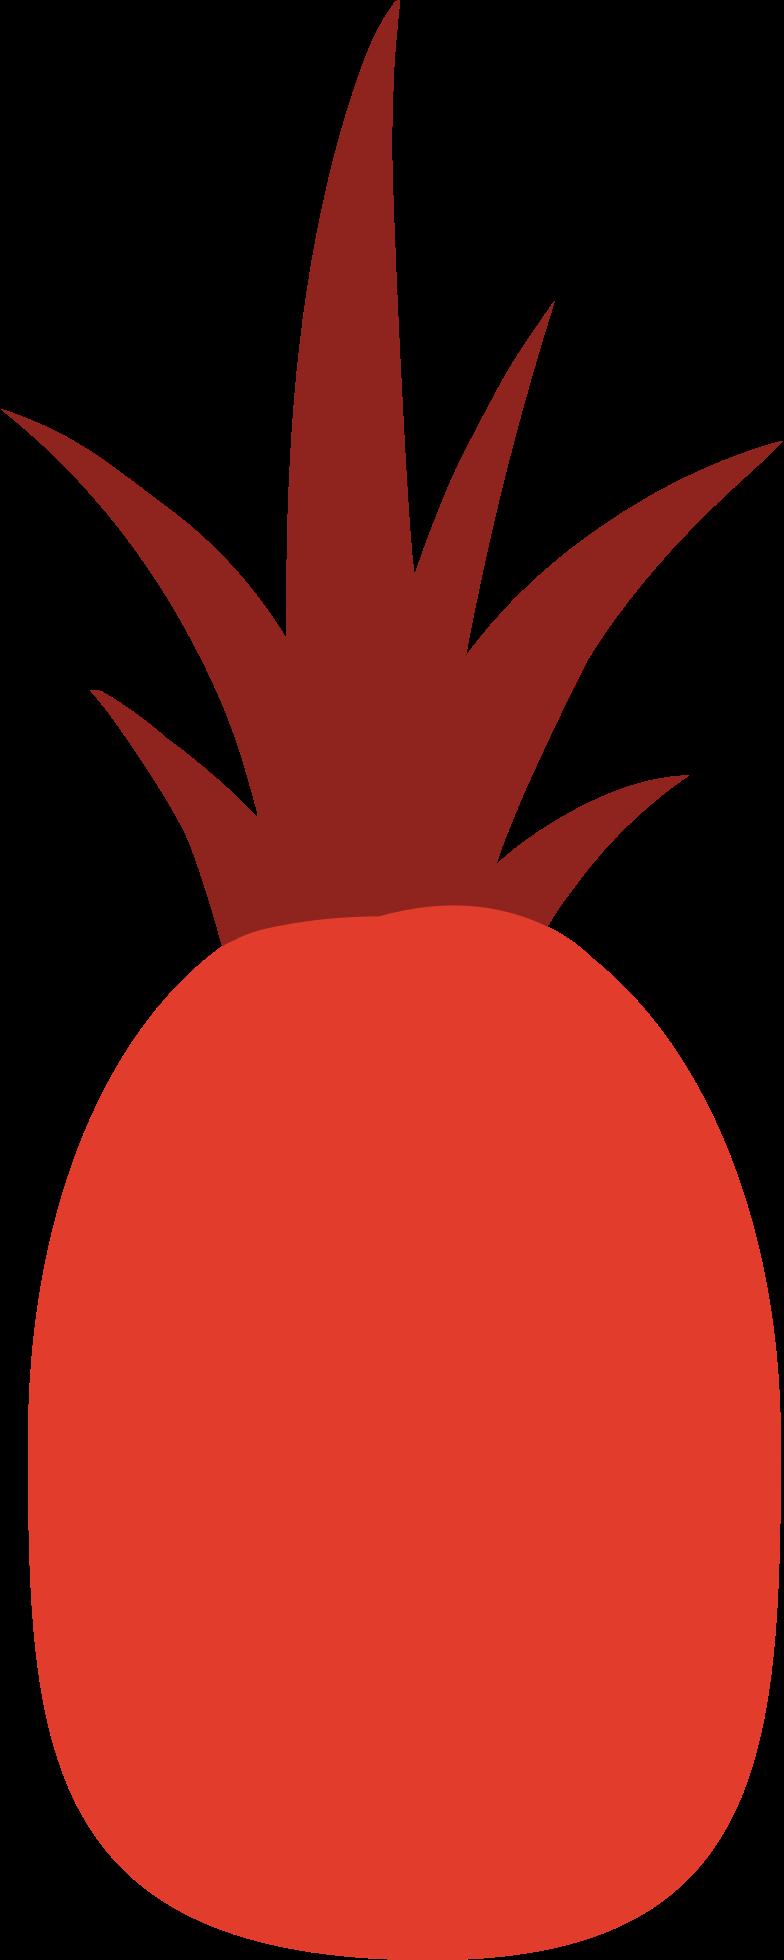 PNGとSVGの  スタイルの パイナップル ベクターイメージ | Icons8 イラスト